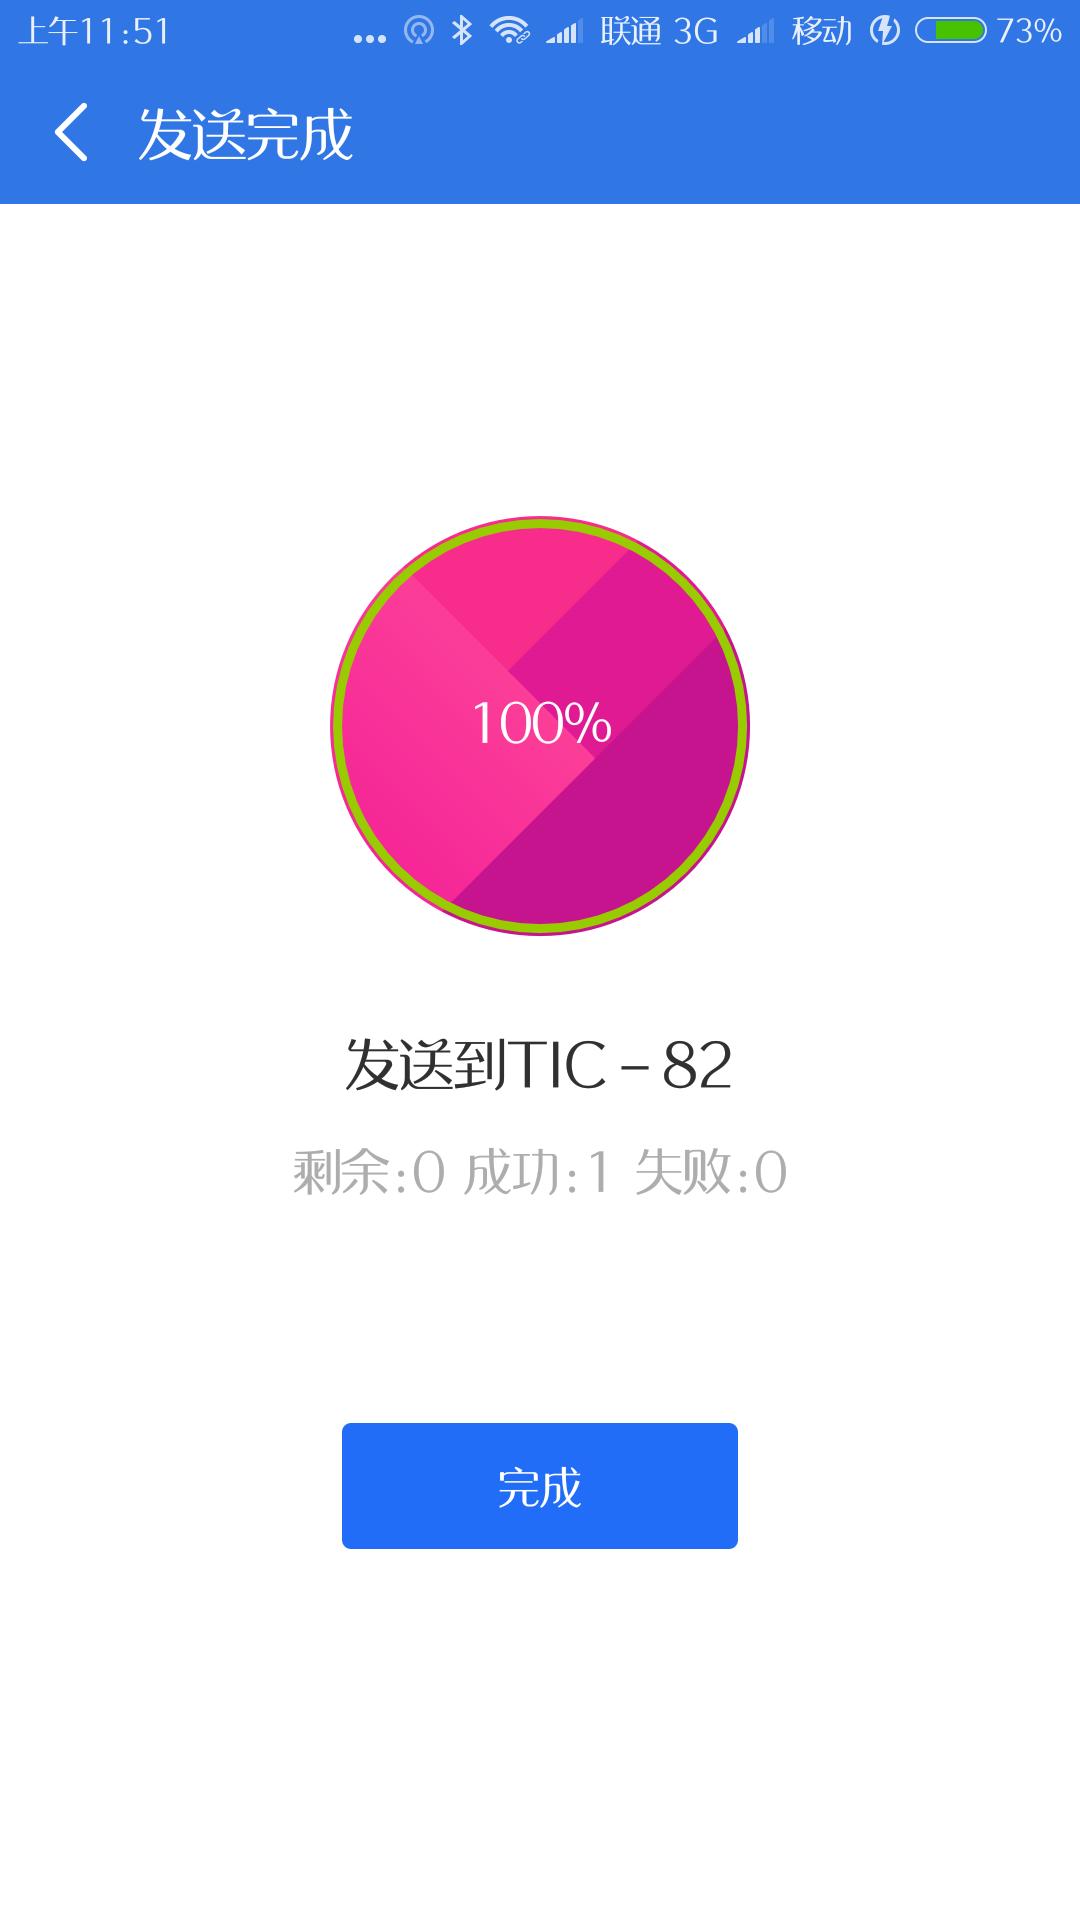 Screenshot_2017-05-15-11-51-17-660_com.chaozhuo.f.png